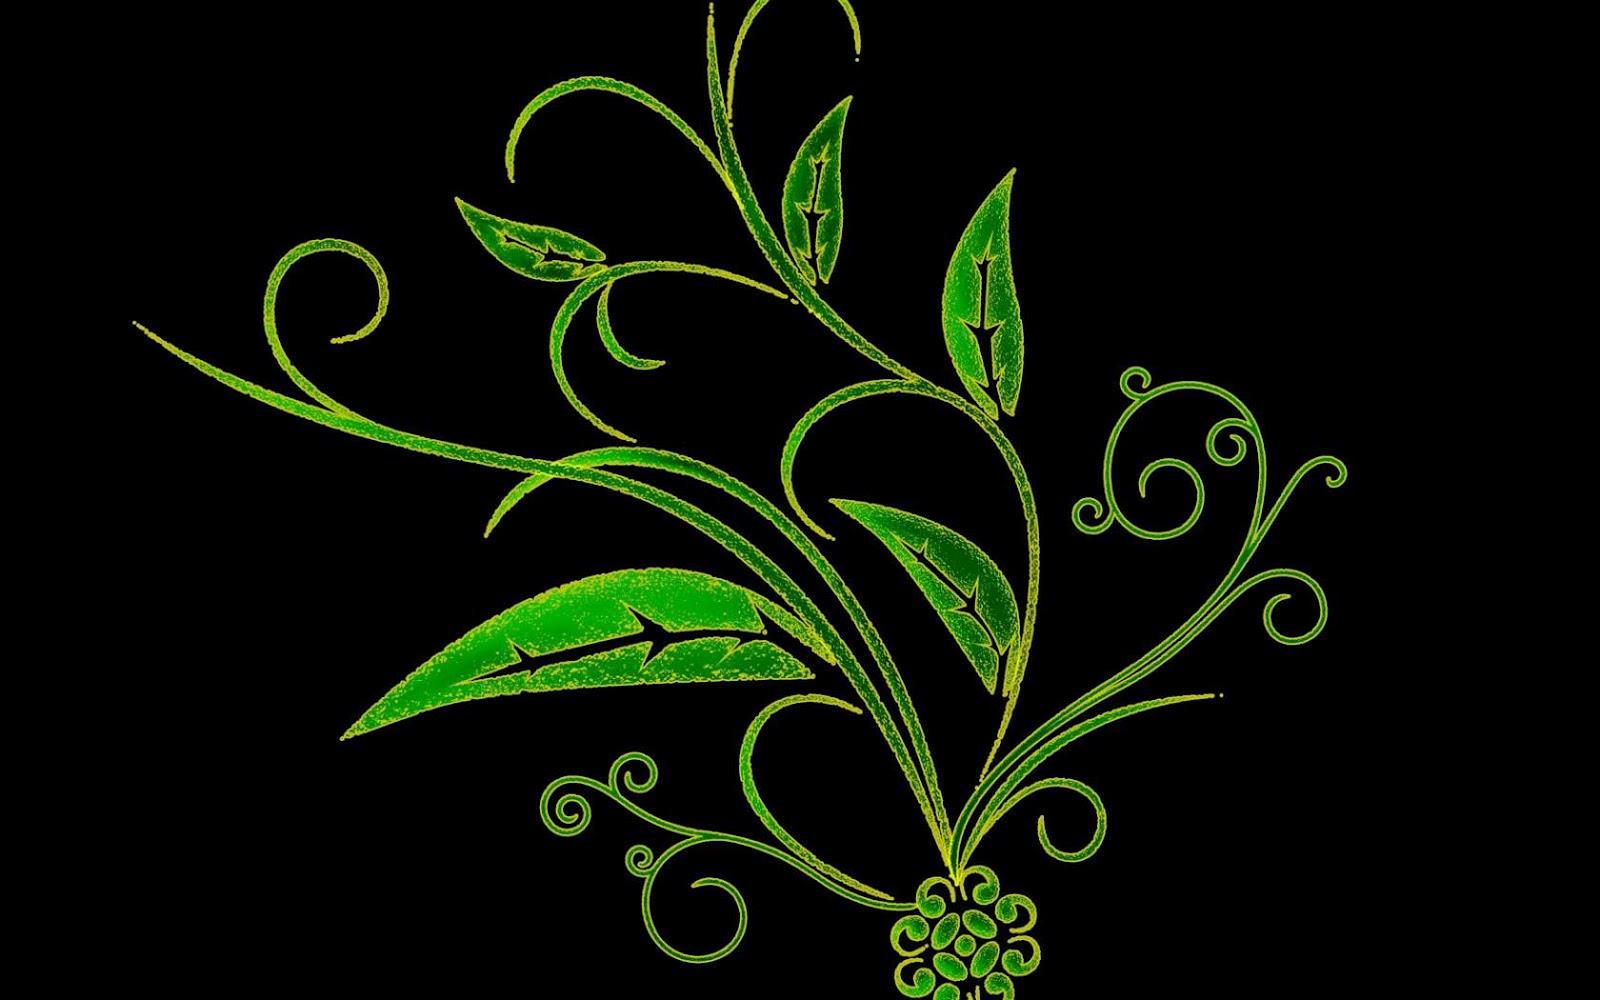 http://3.bp.blogspot.com/-e1gcgbJDnH8/UNBUZB4DFgI/AAAAAAAABbk/hf4j7LWQZ2k/s1600/Green-wallpapers.jpg